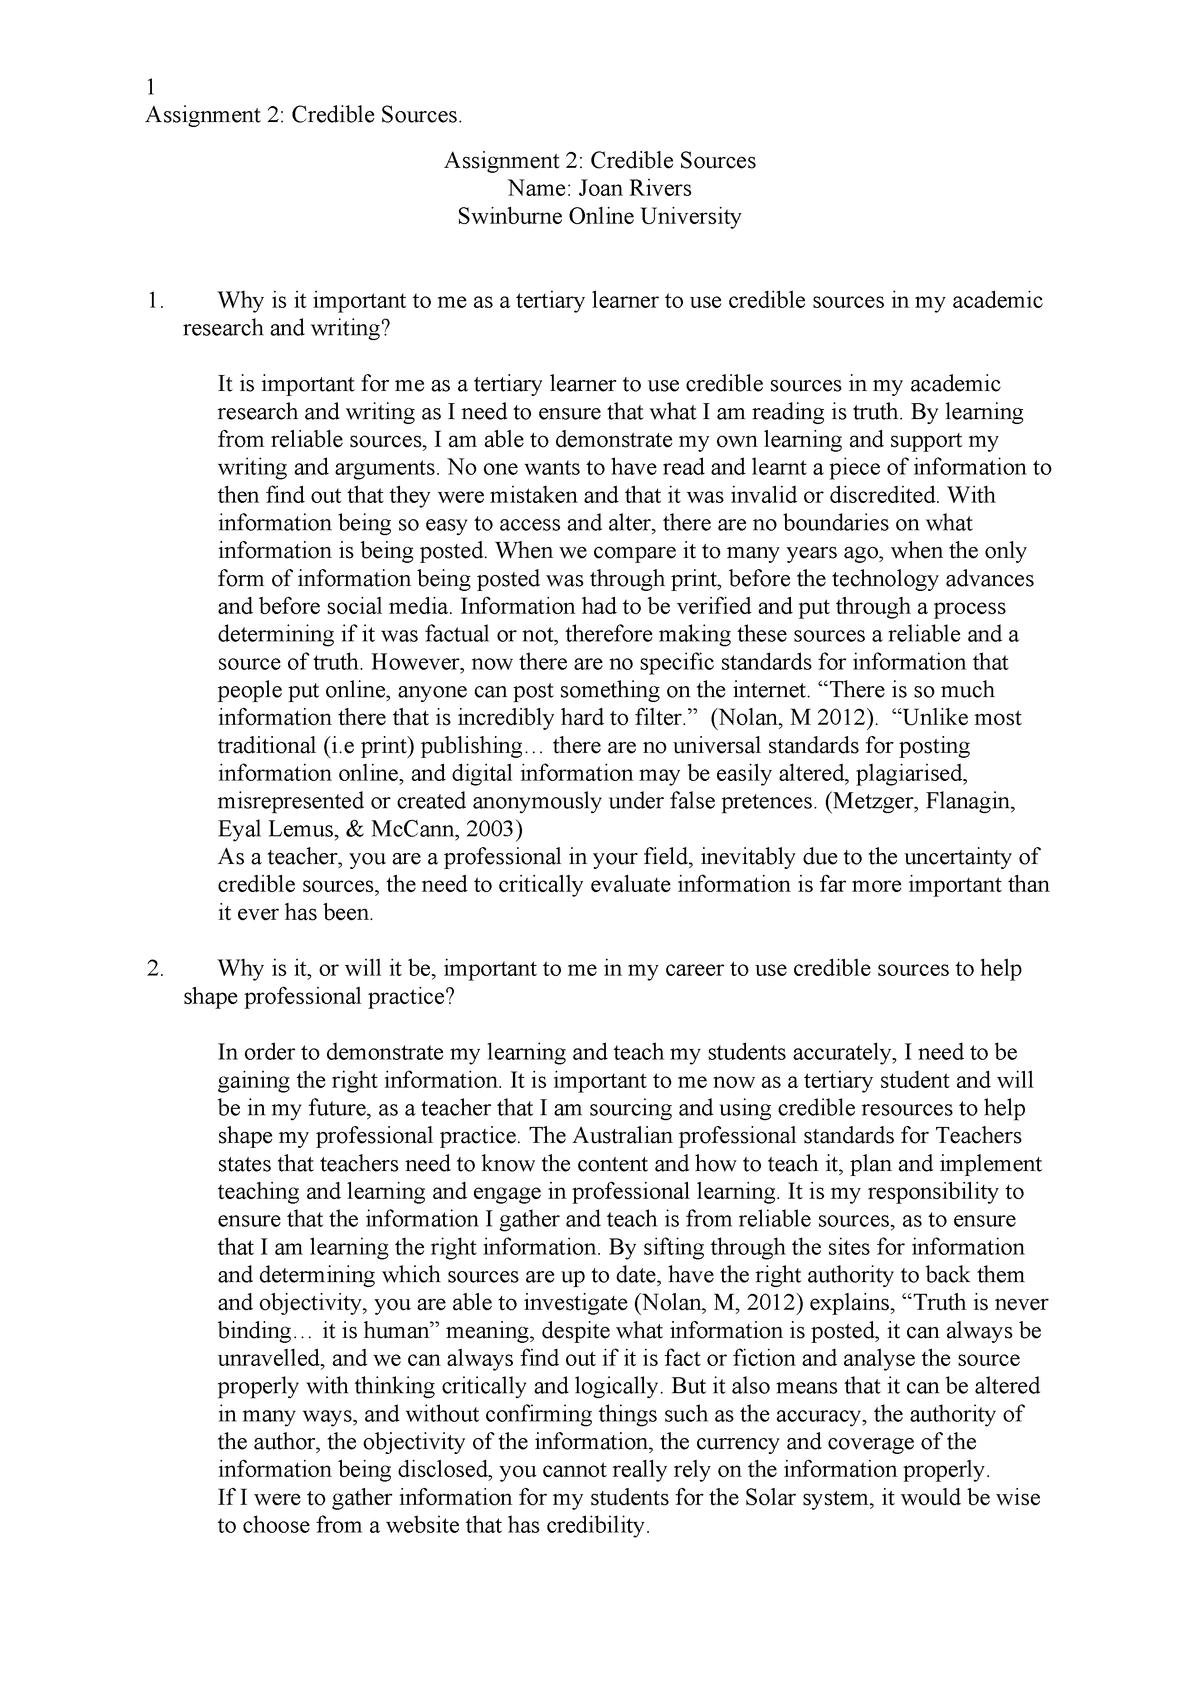 Inspector calls essay plans